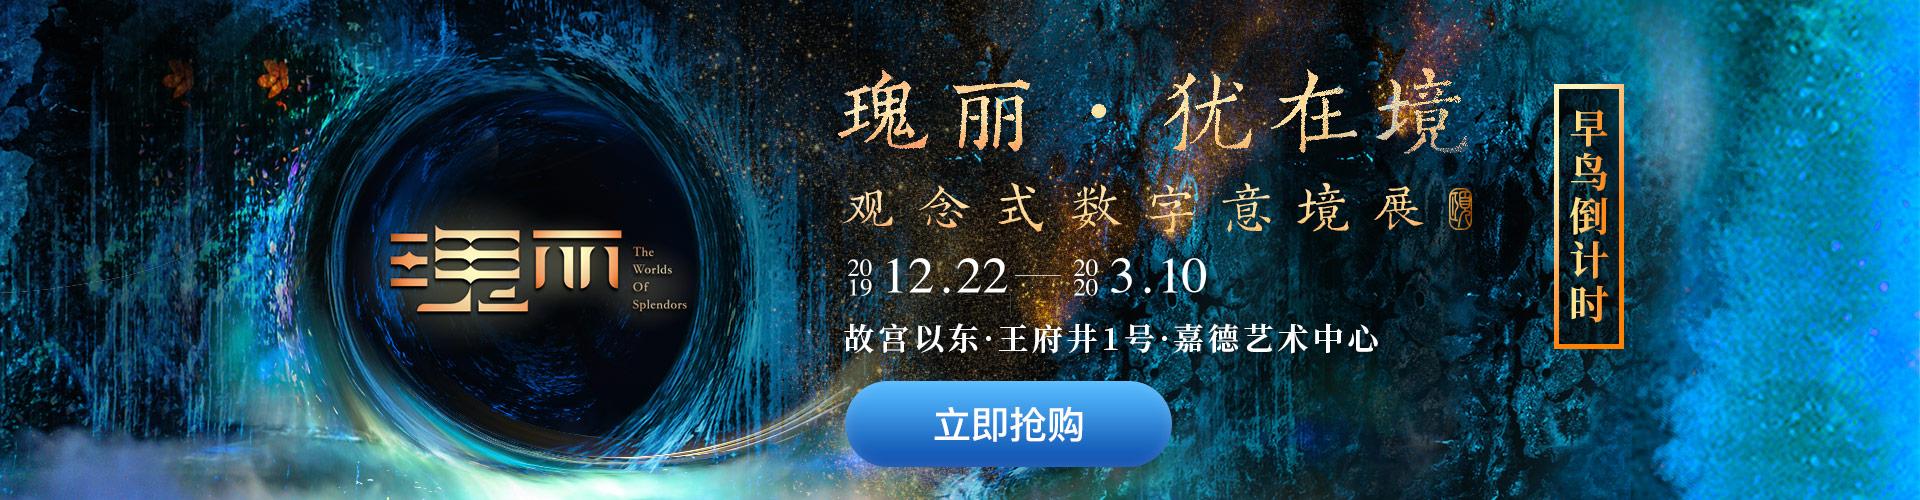 「瑰丽·犹在境」观念式数字意境展 The Worlds of Splendors